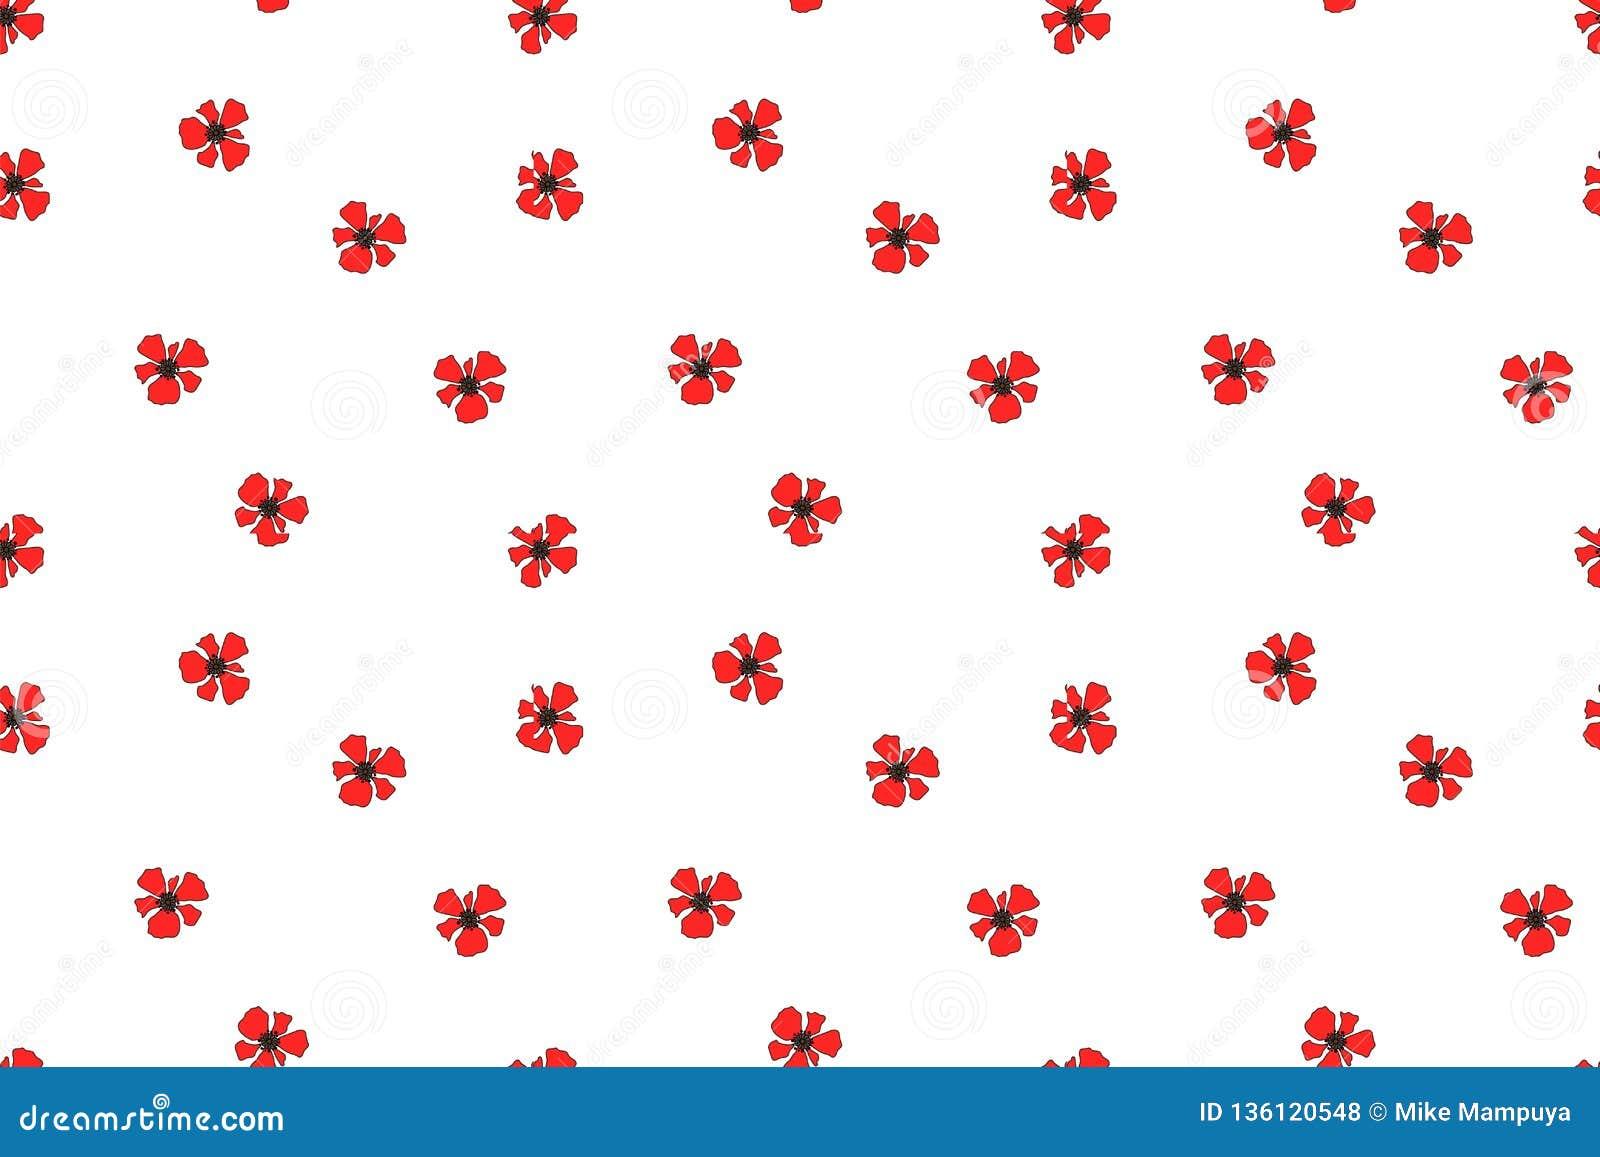 Red Poppy National Flower Of Belgium, Poland Albania Stock ...